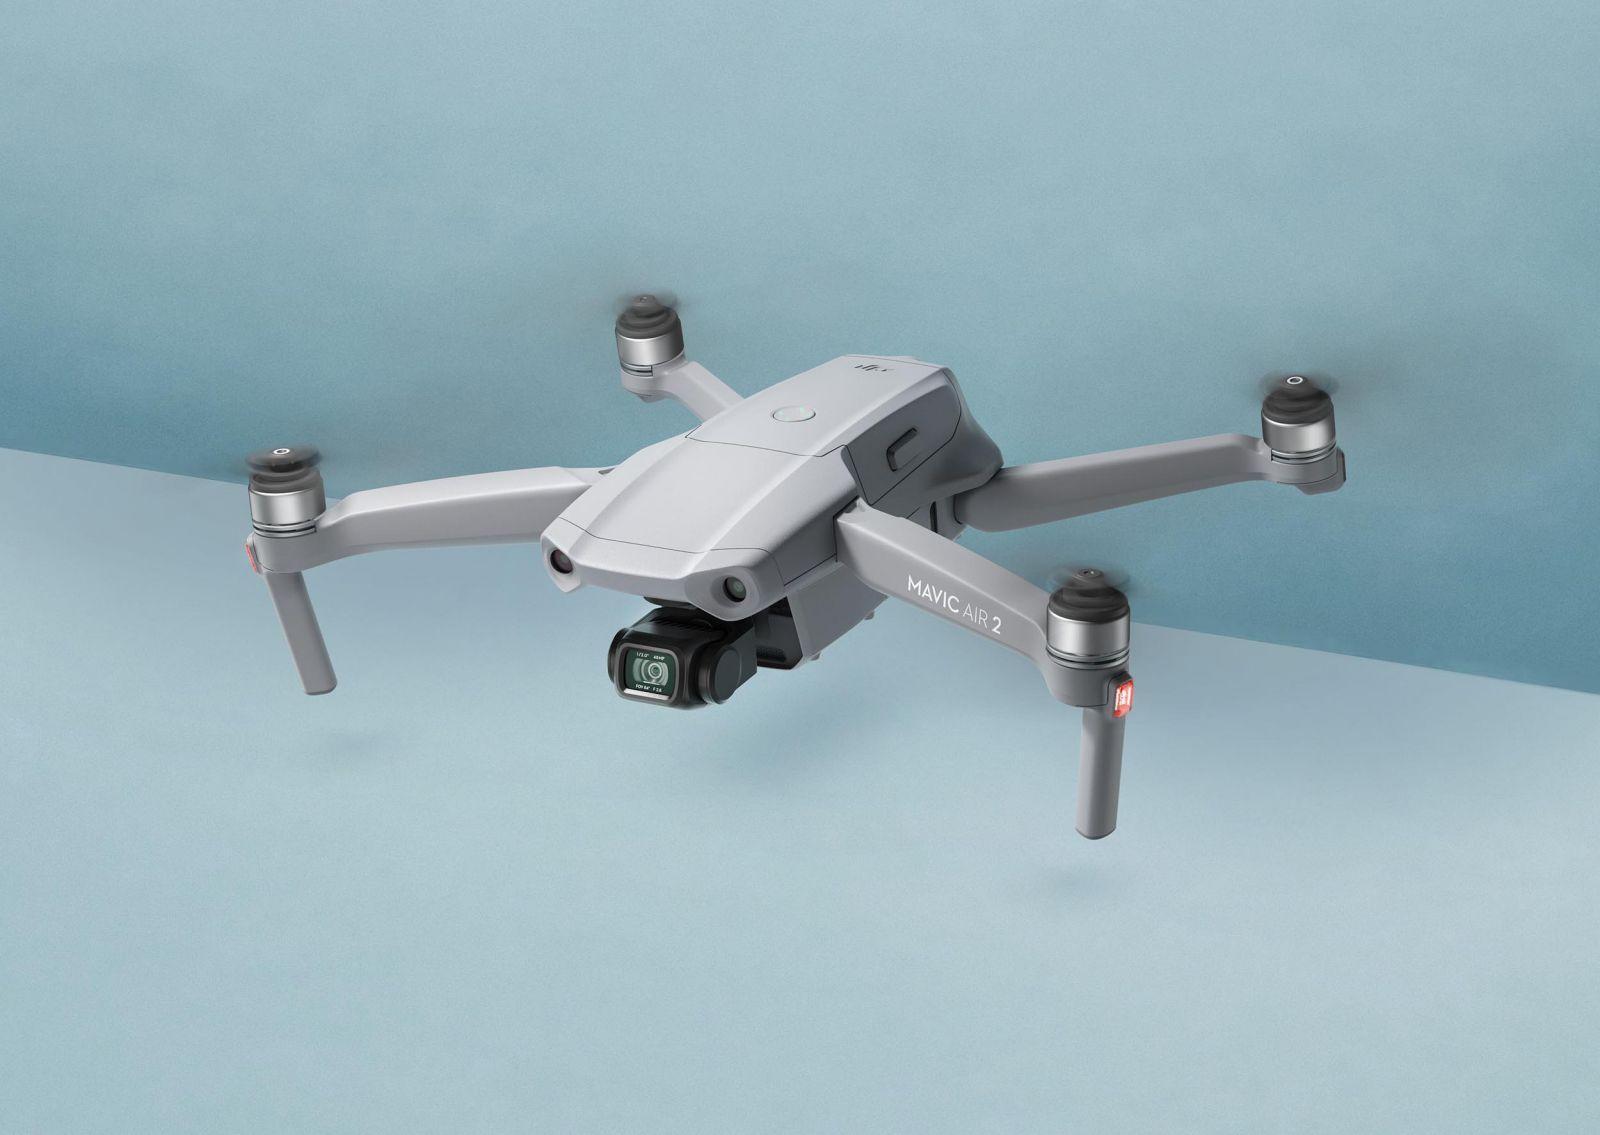 DJI выпускает складной дрон Mavic Air 2 (zs9hn8tg 2.0 1)